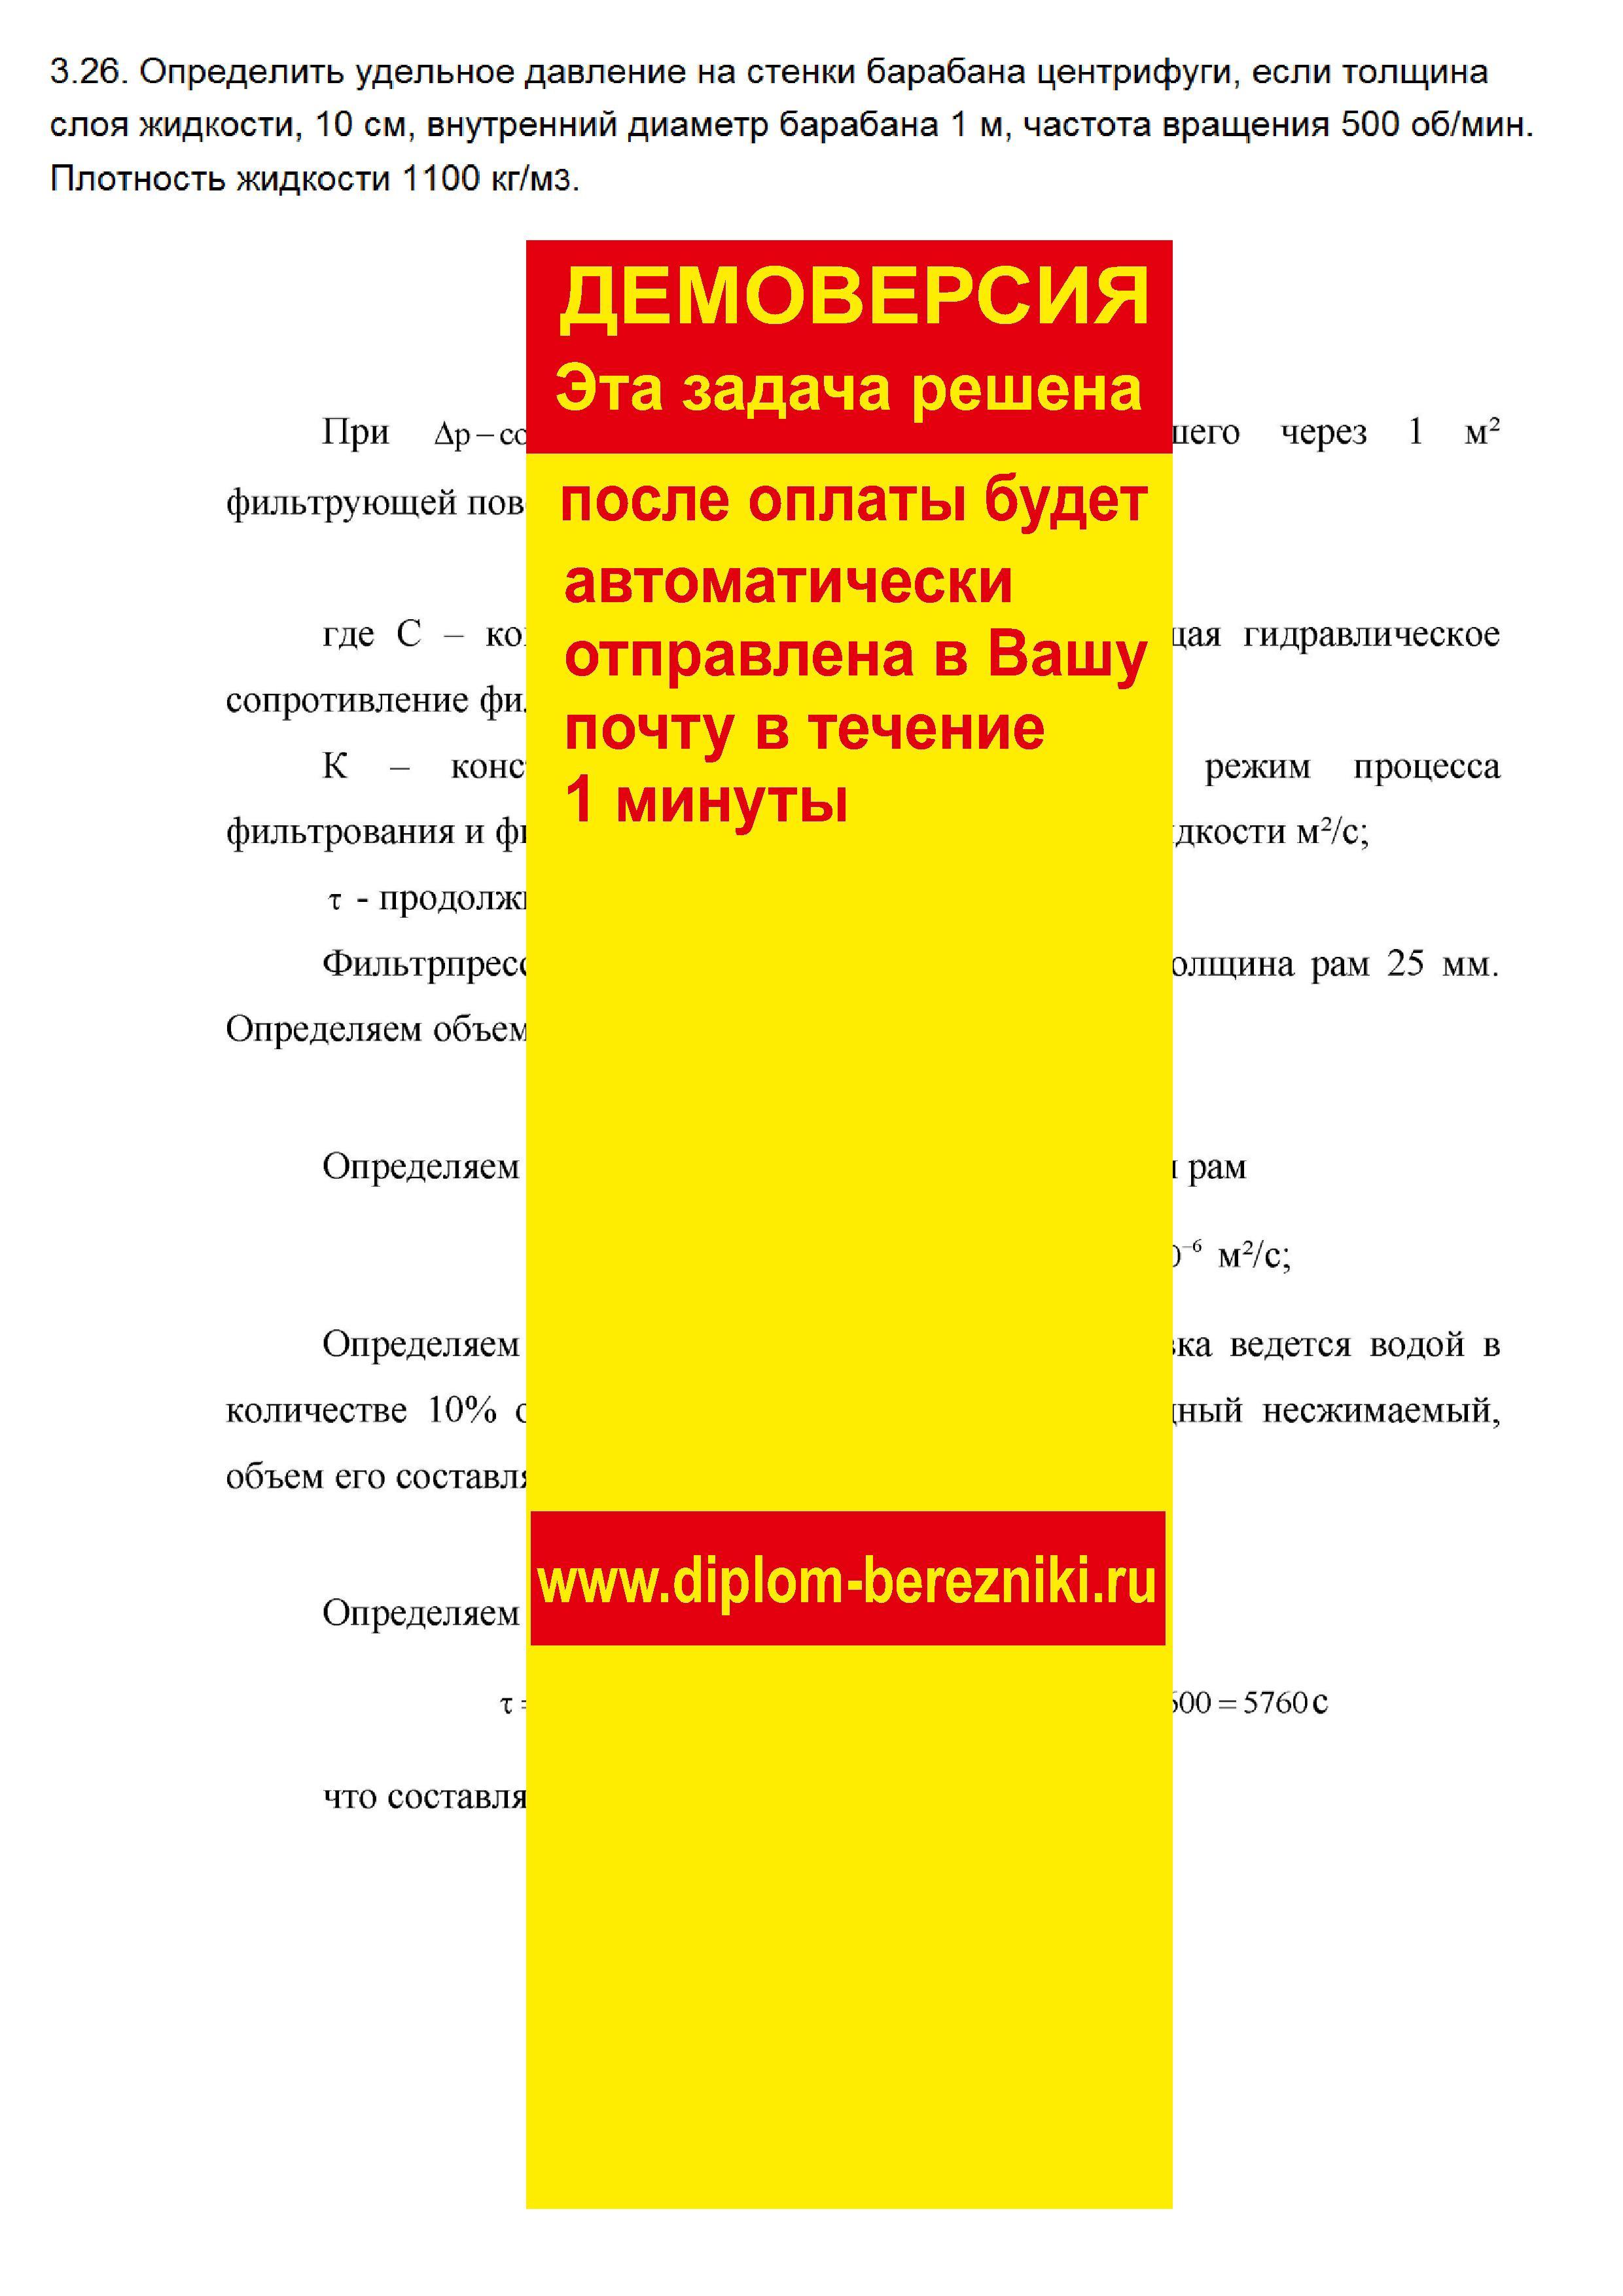 Решение задачи 3.26 по ПАХТ из задачника Павлова Романкова Носкова